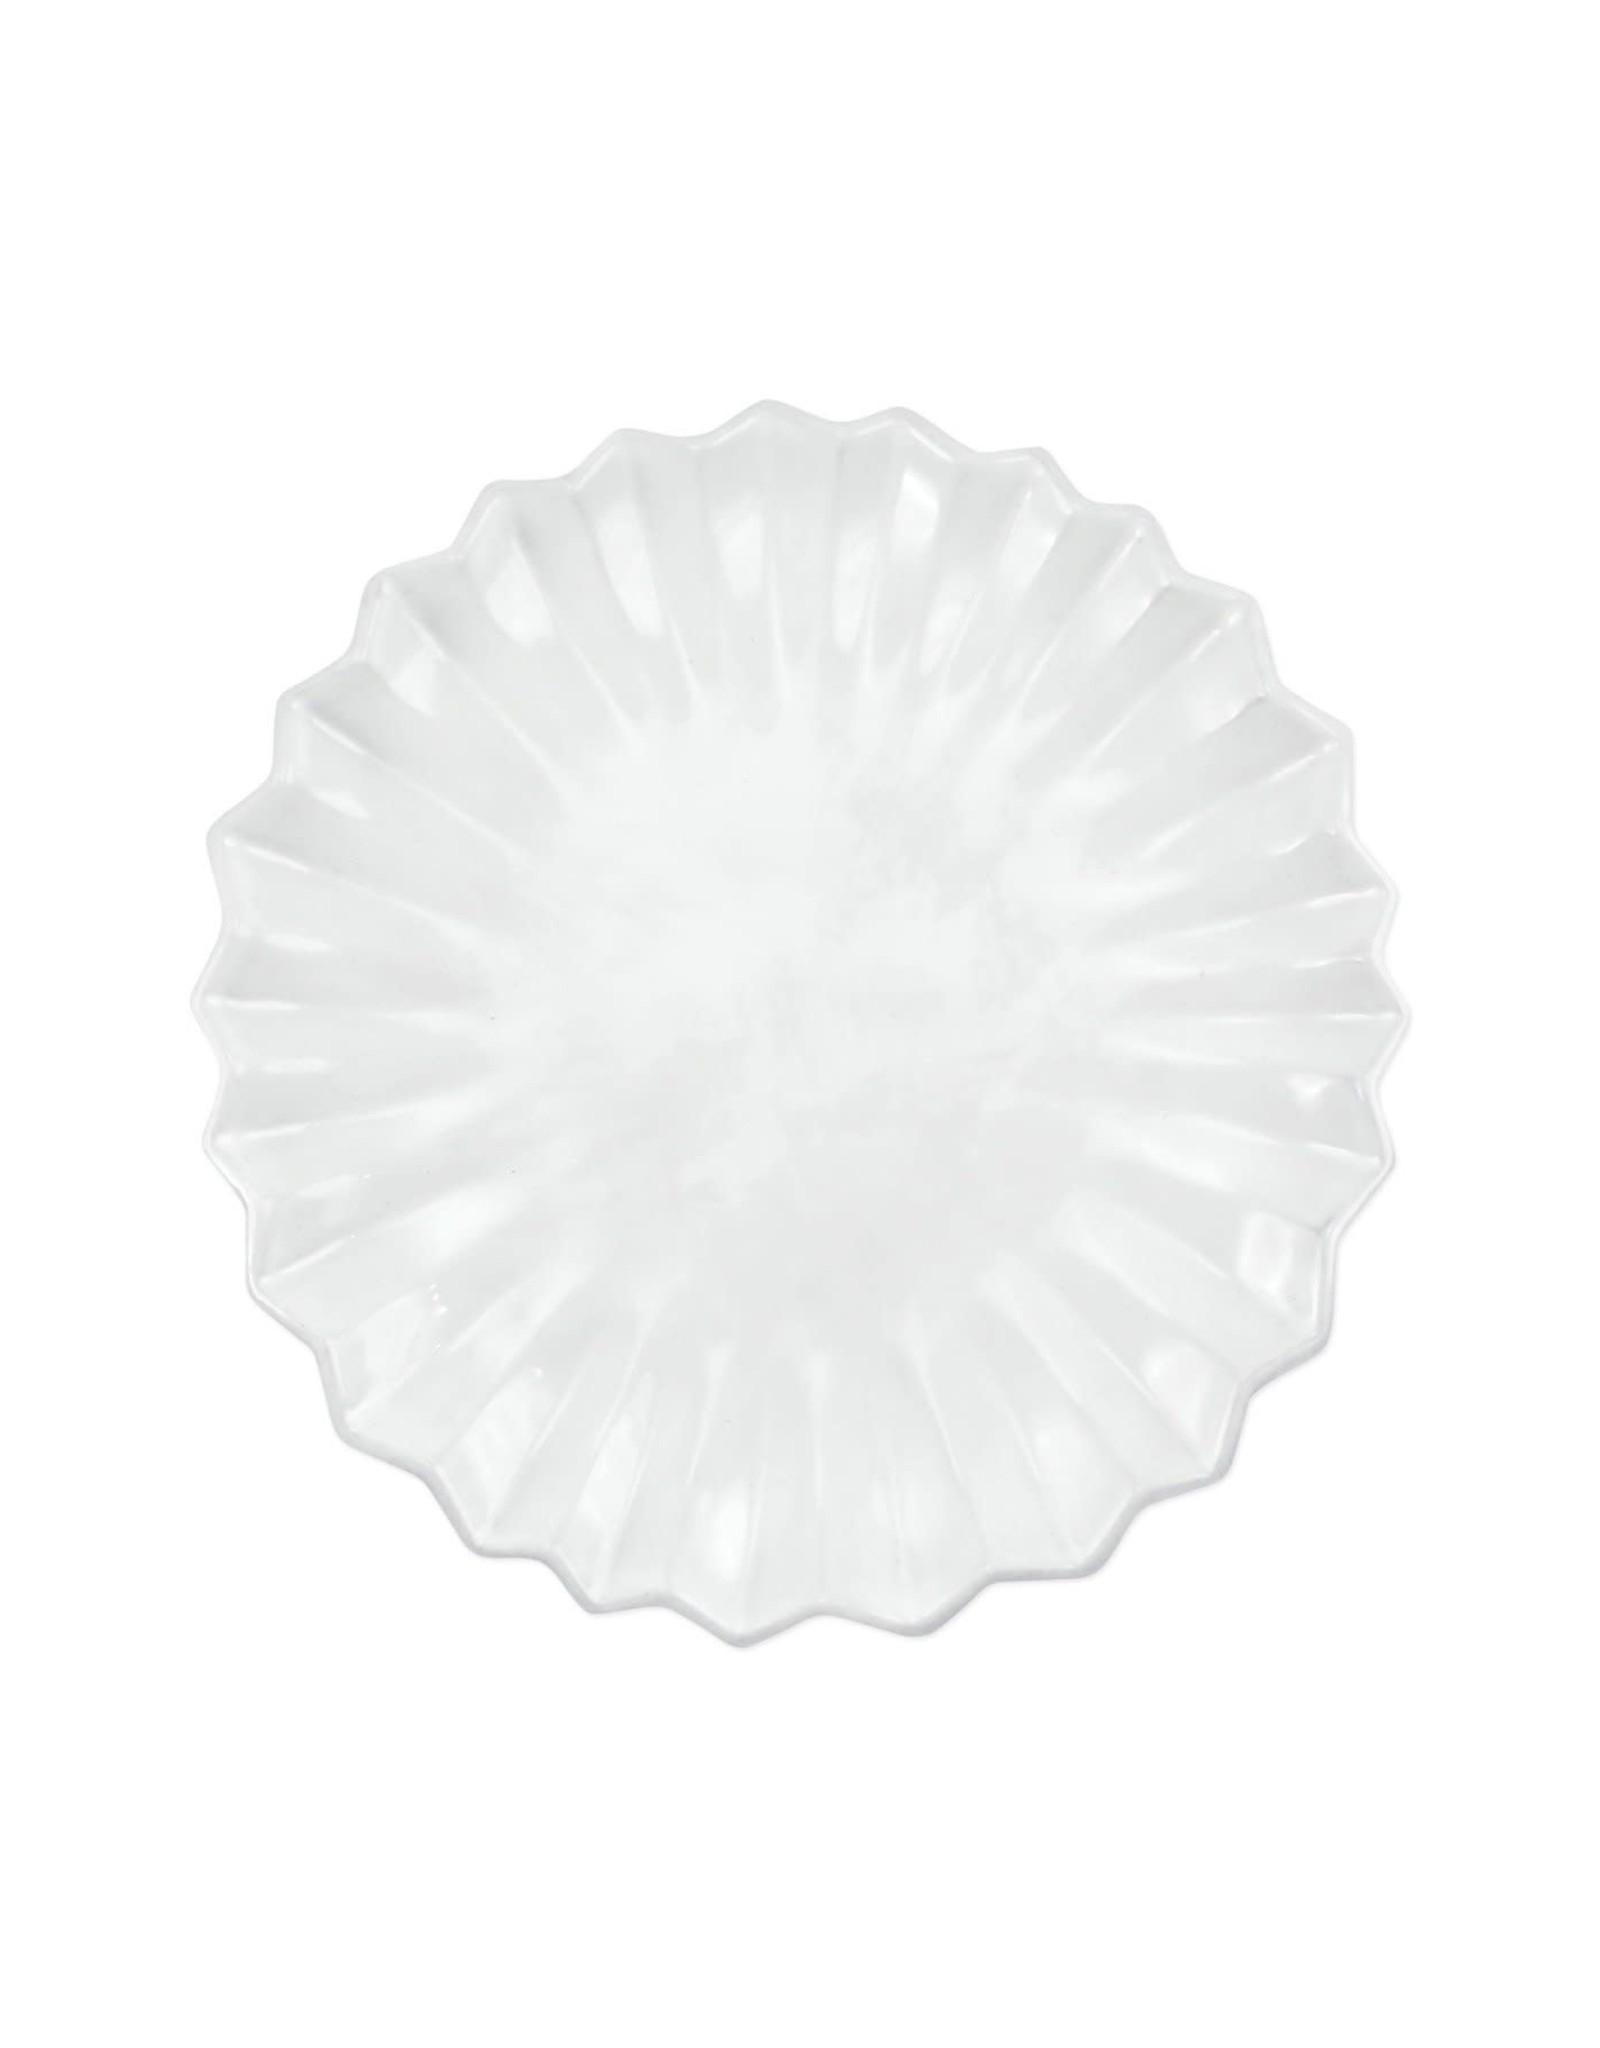 Vietri Incanto Pleated Salad Plate